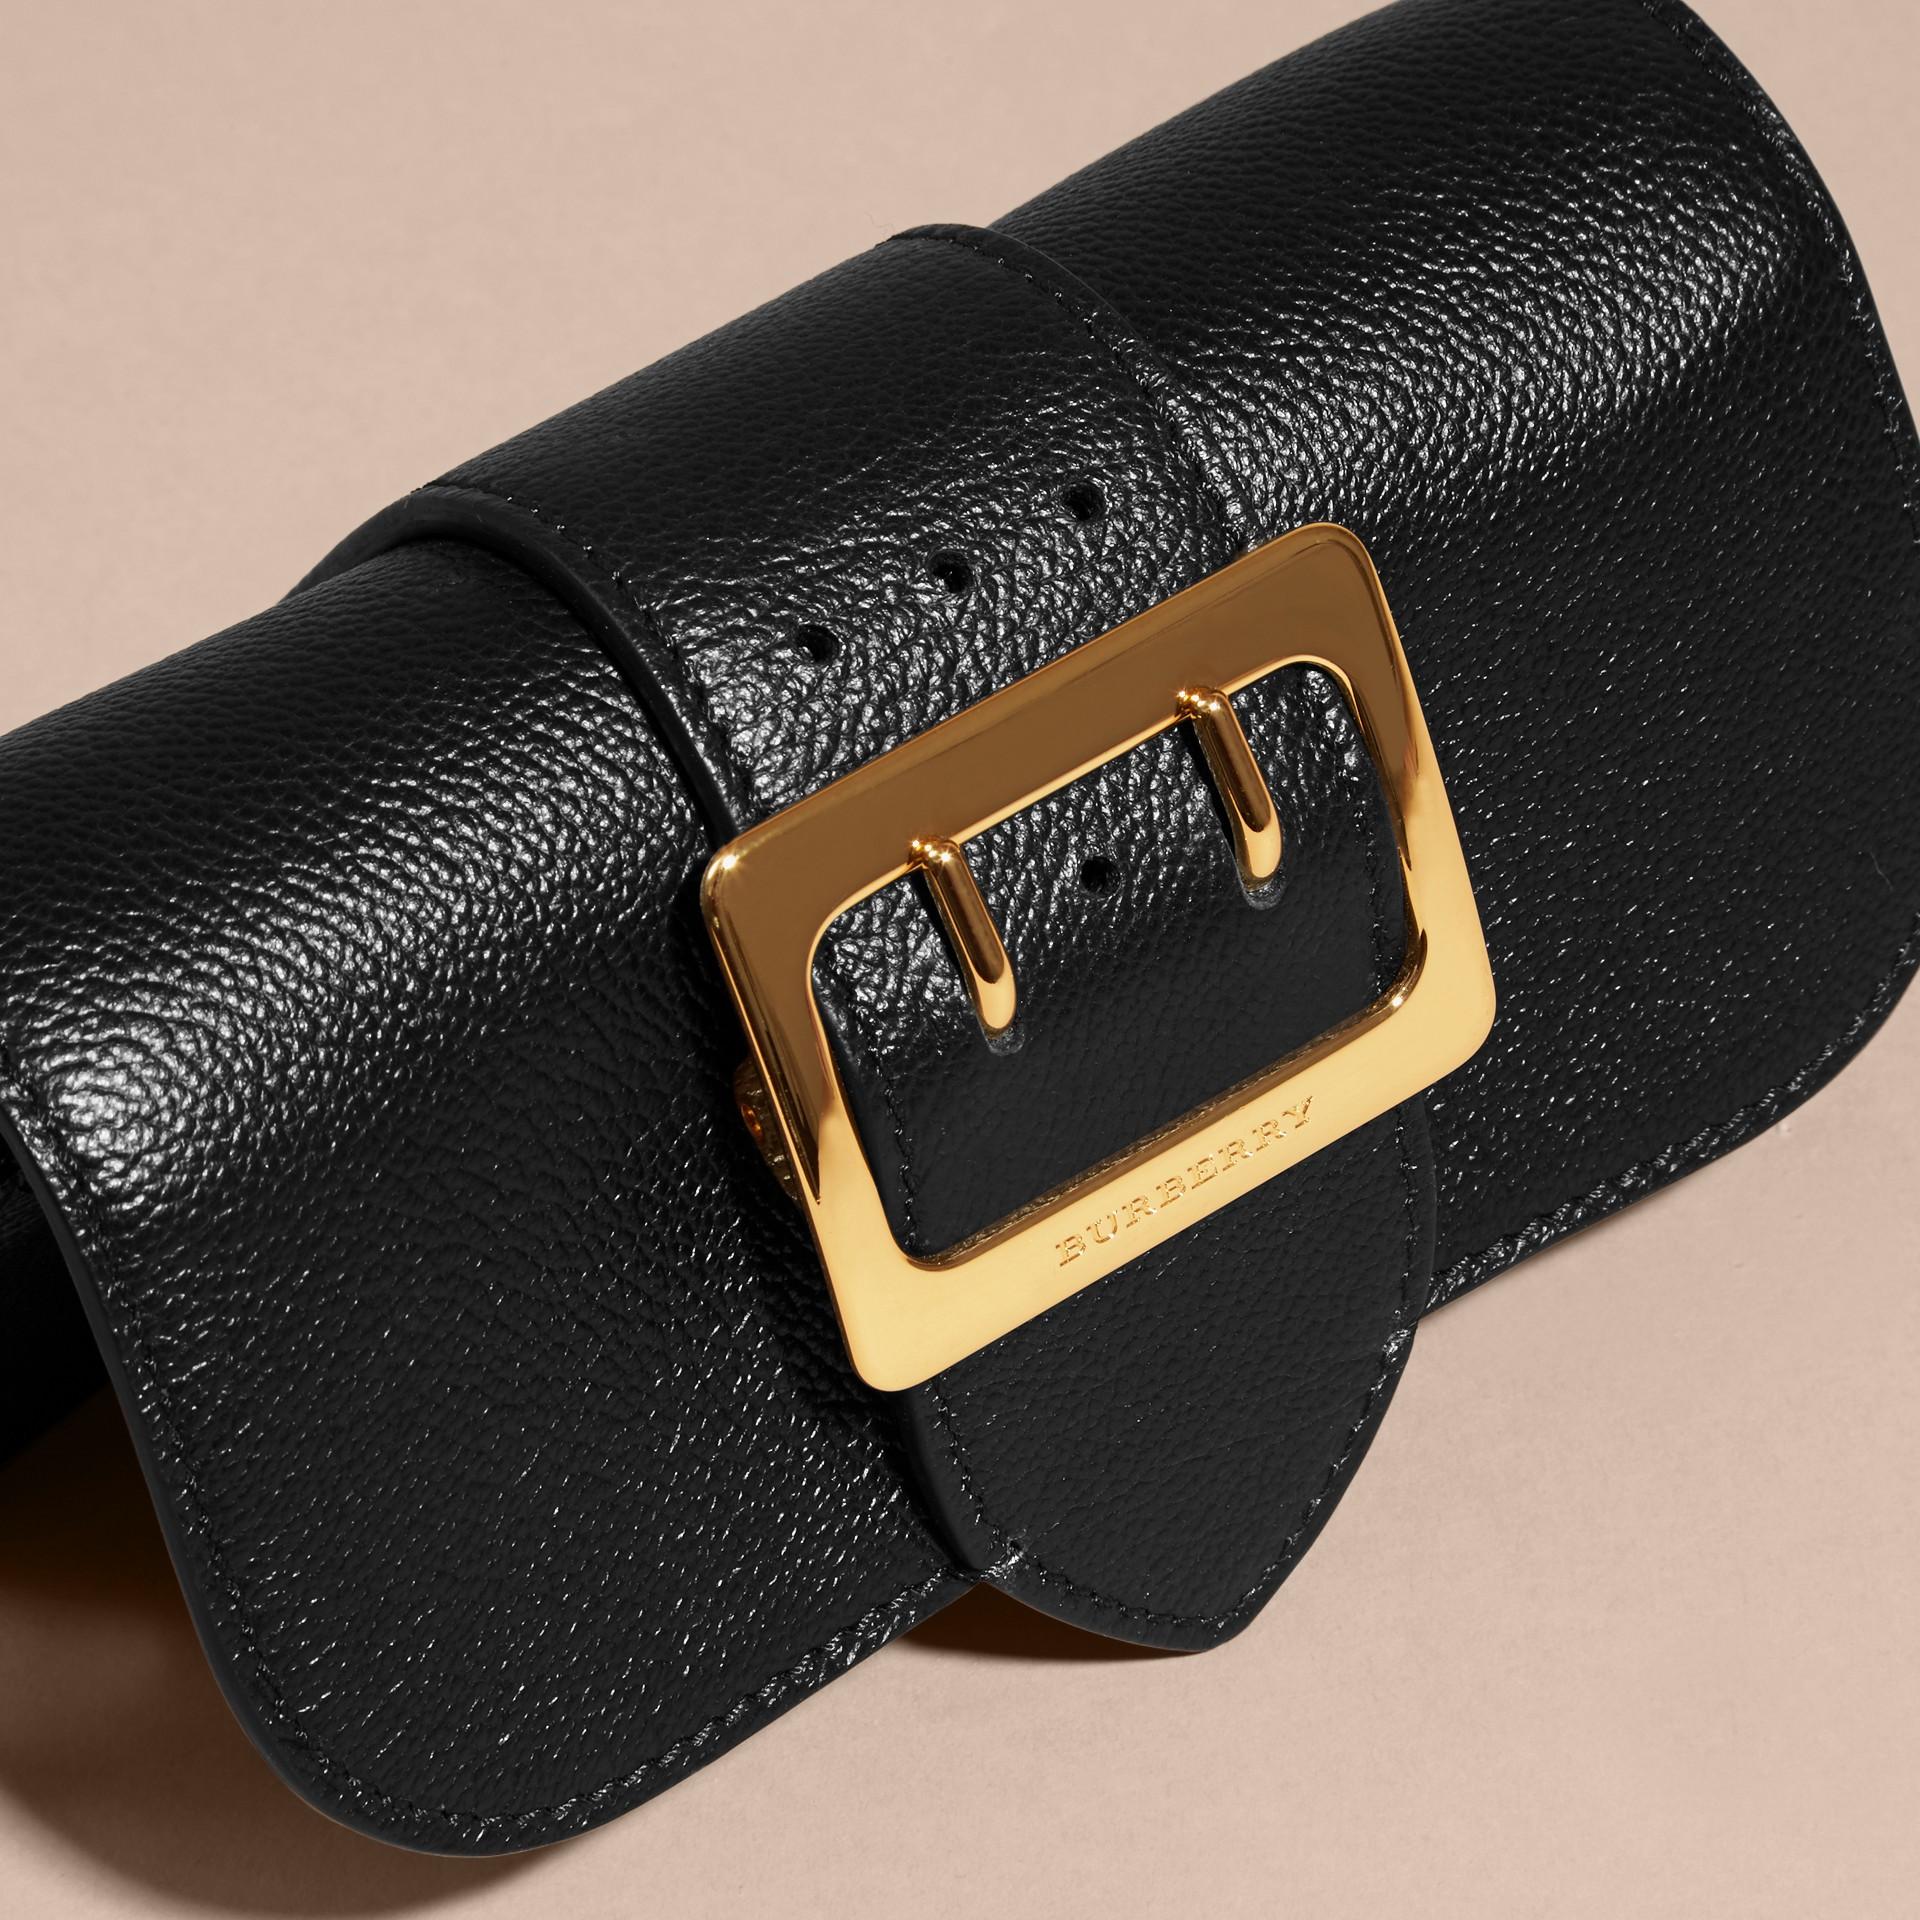 Noir Mini sac The Buckle en cuir grainé Noir - photo de la galerie 5